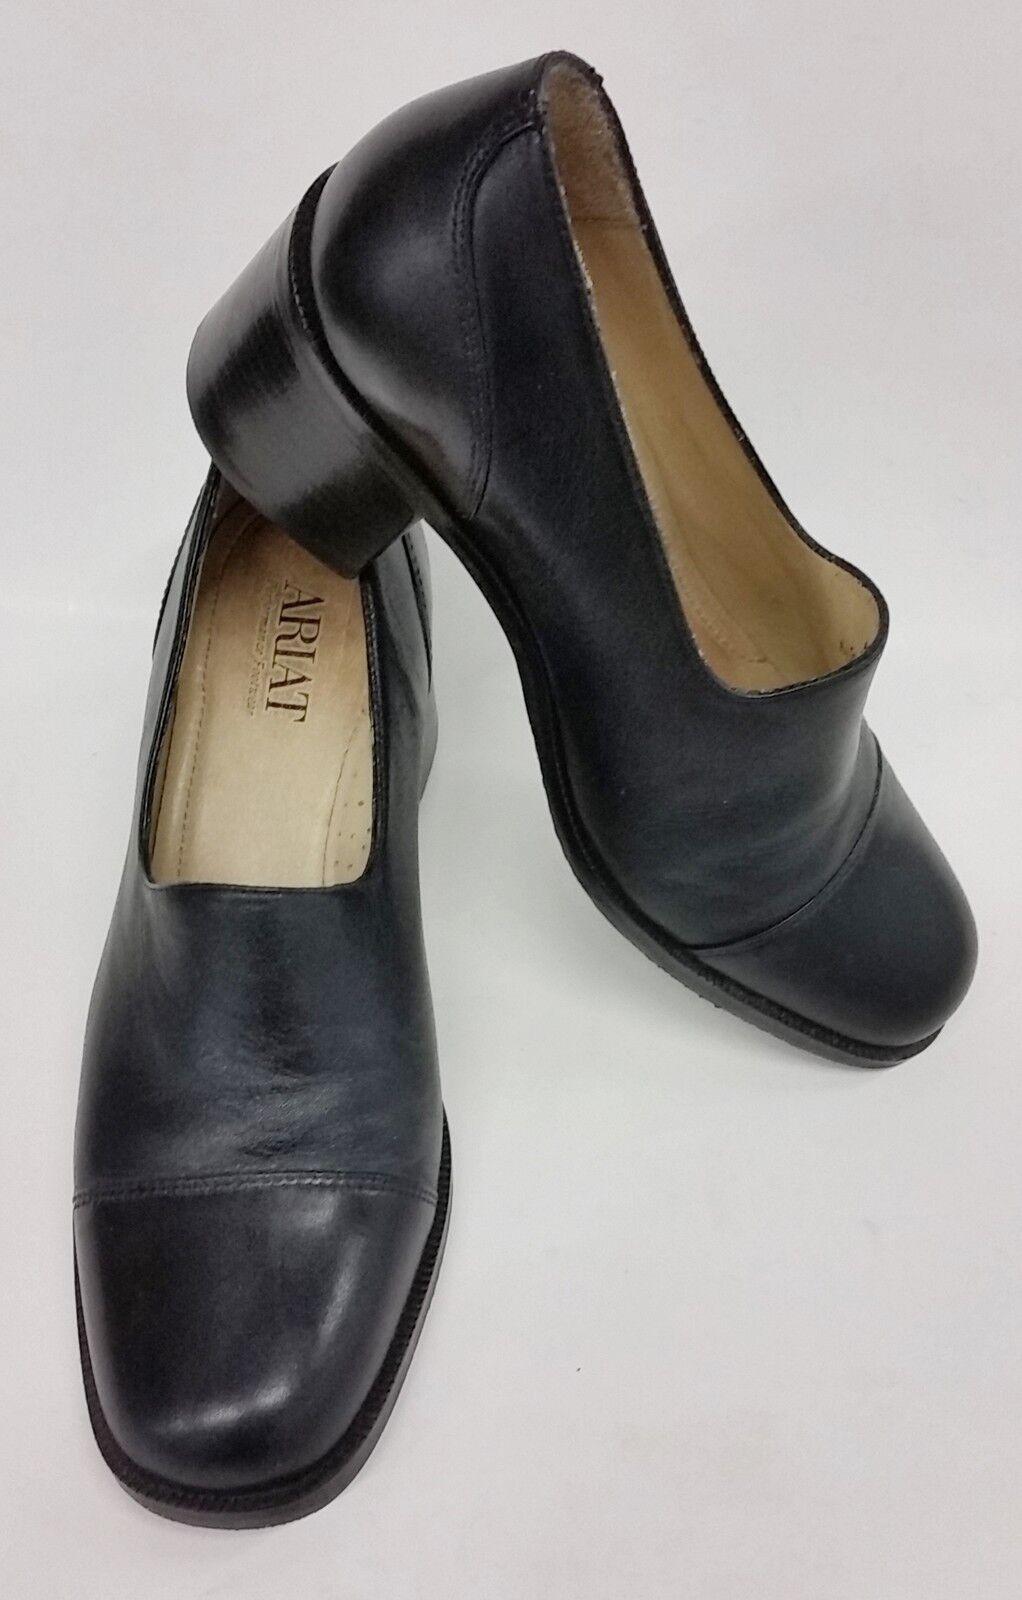 qualità autentica Ariat scarpe Slip-On Block Heels nero Leather donna Dimensione Dimensione Dimensione 5.5 M  risposta prima volta